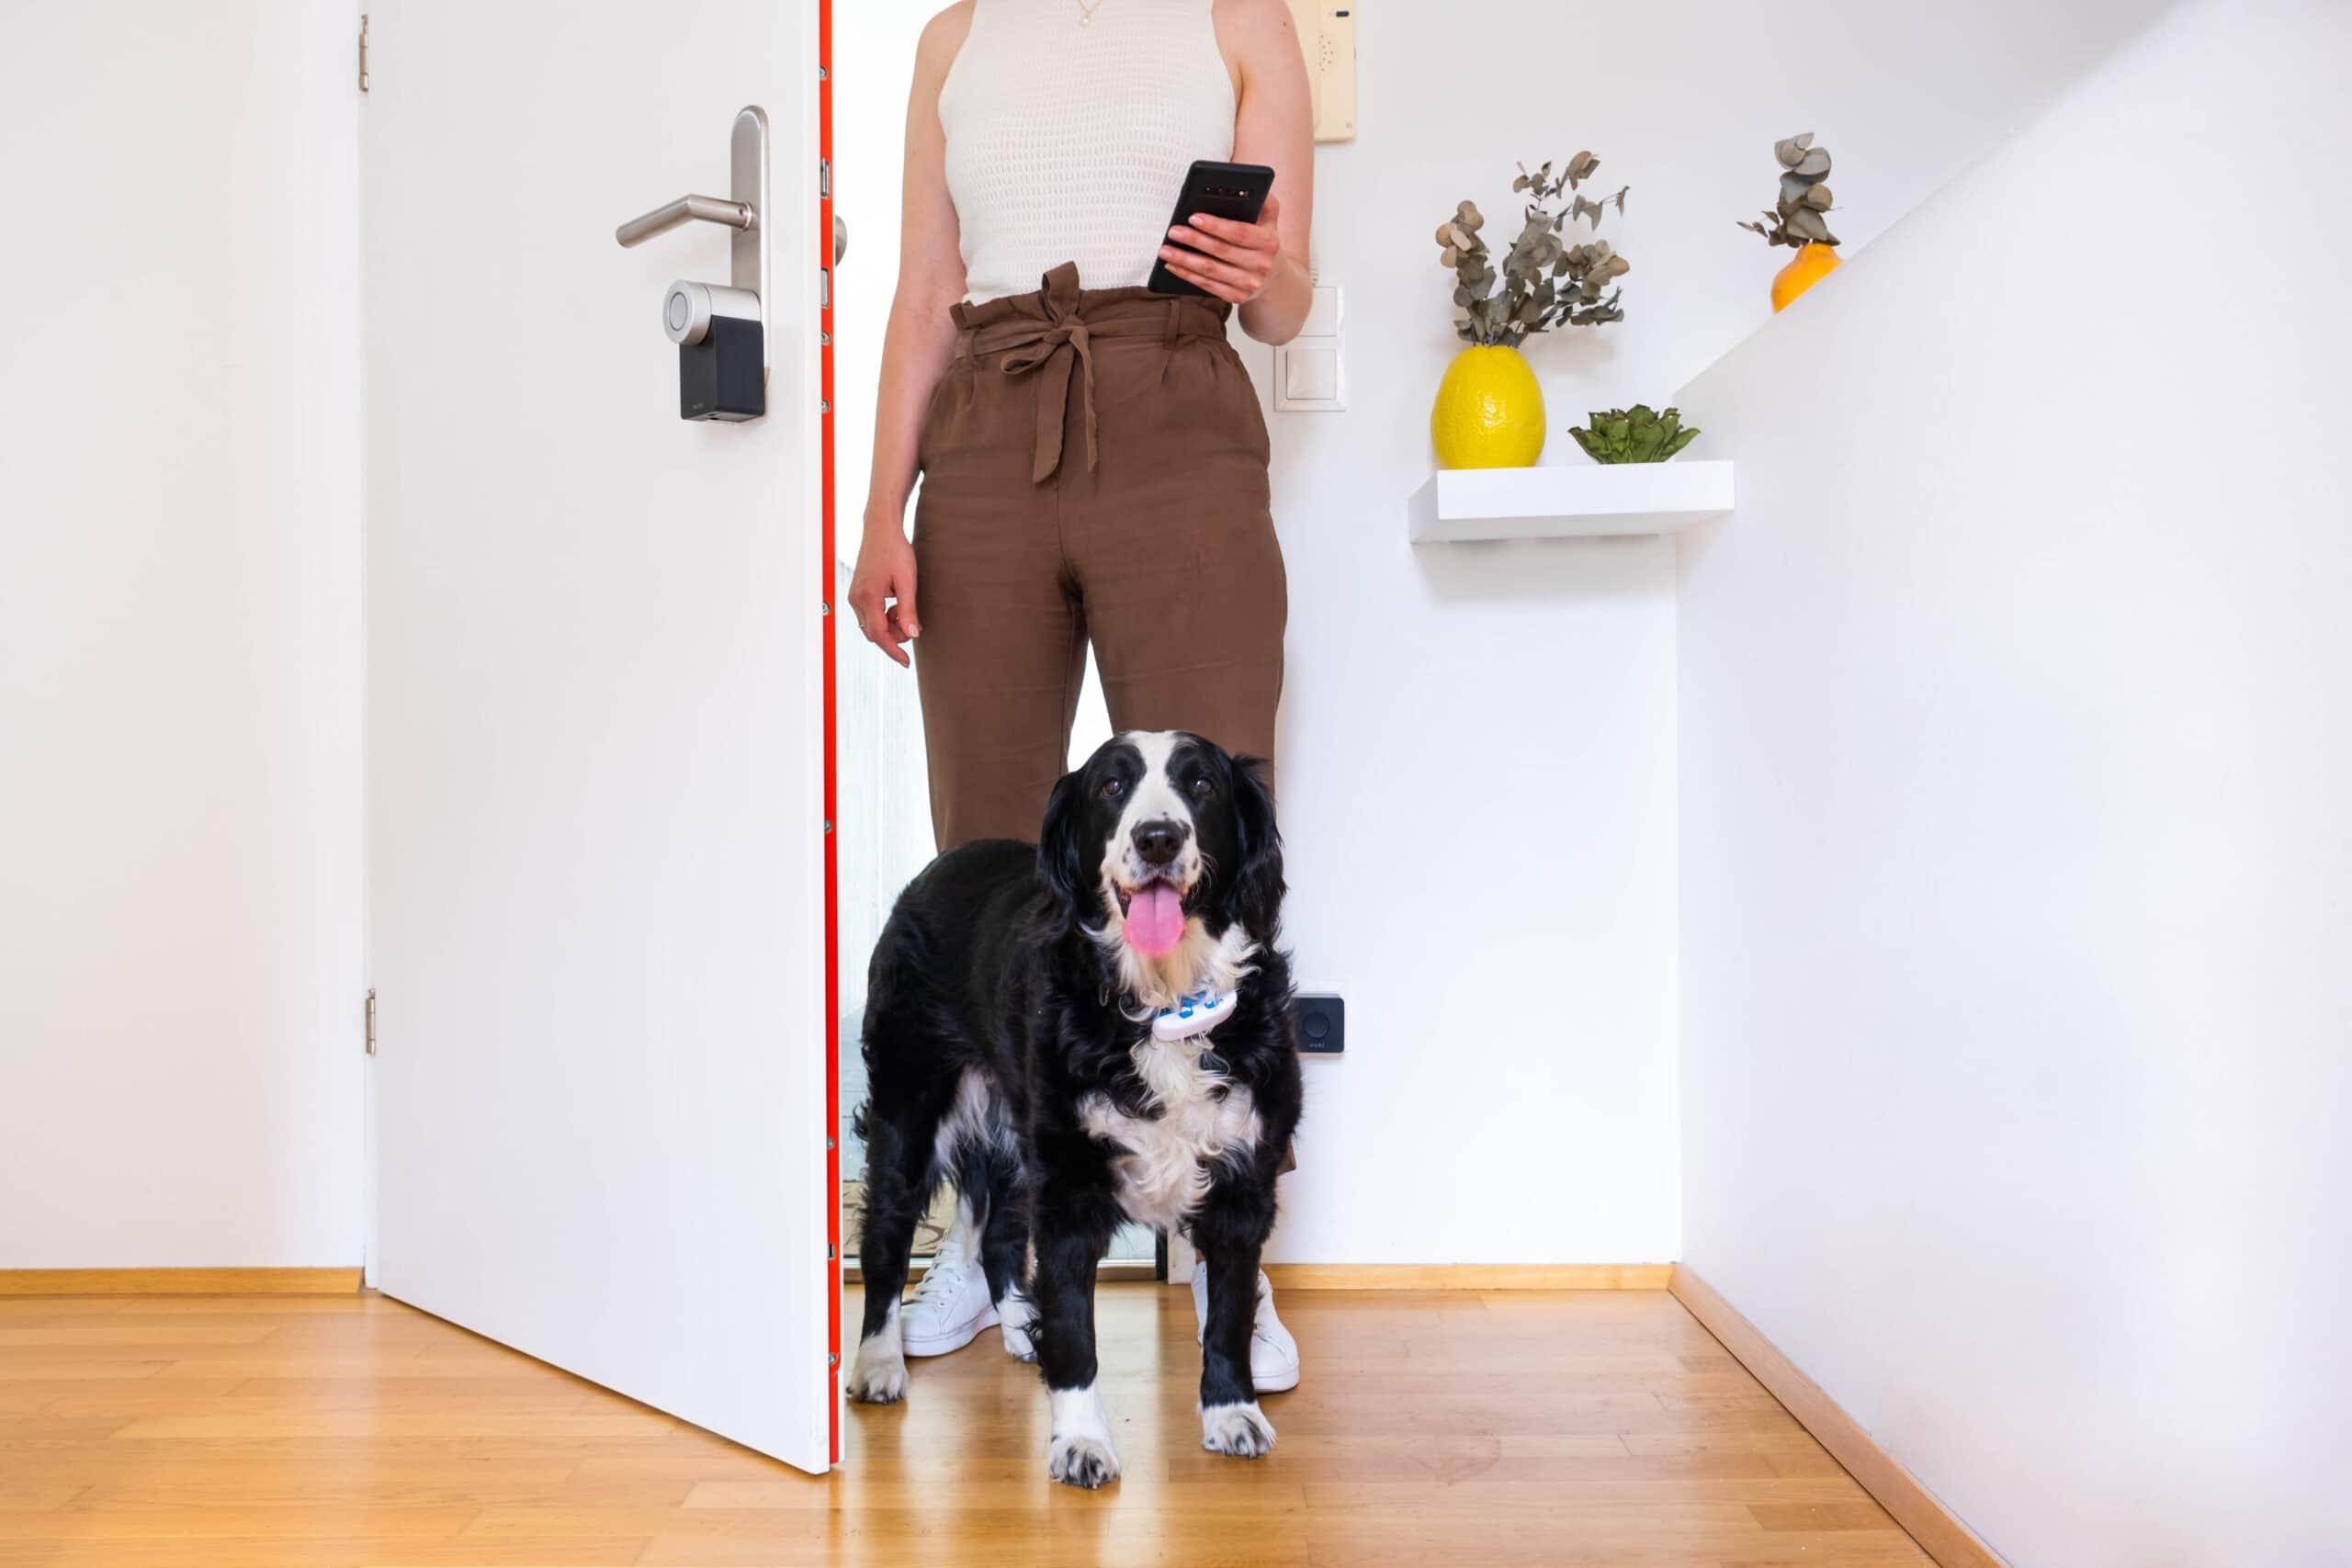 Le nuove serrature Nuki perfette per chi ha animali in casa thumbnail